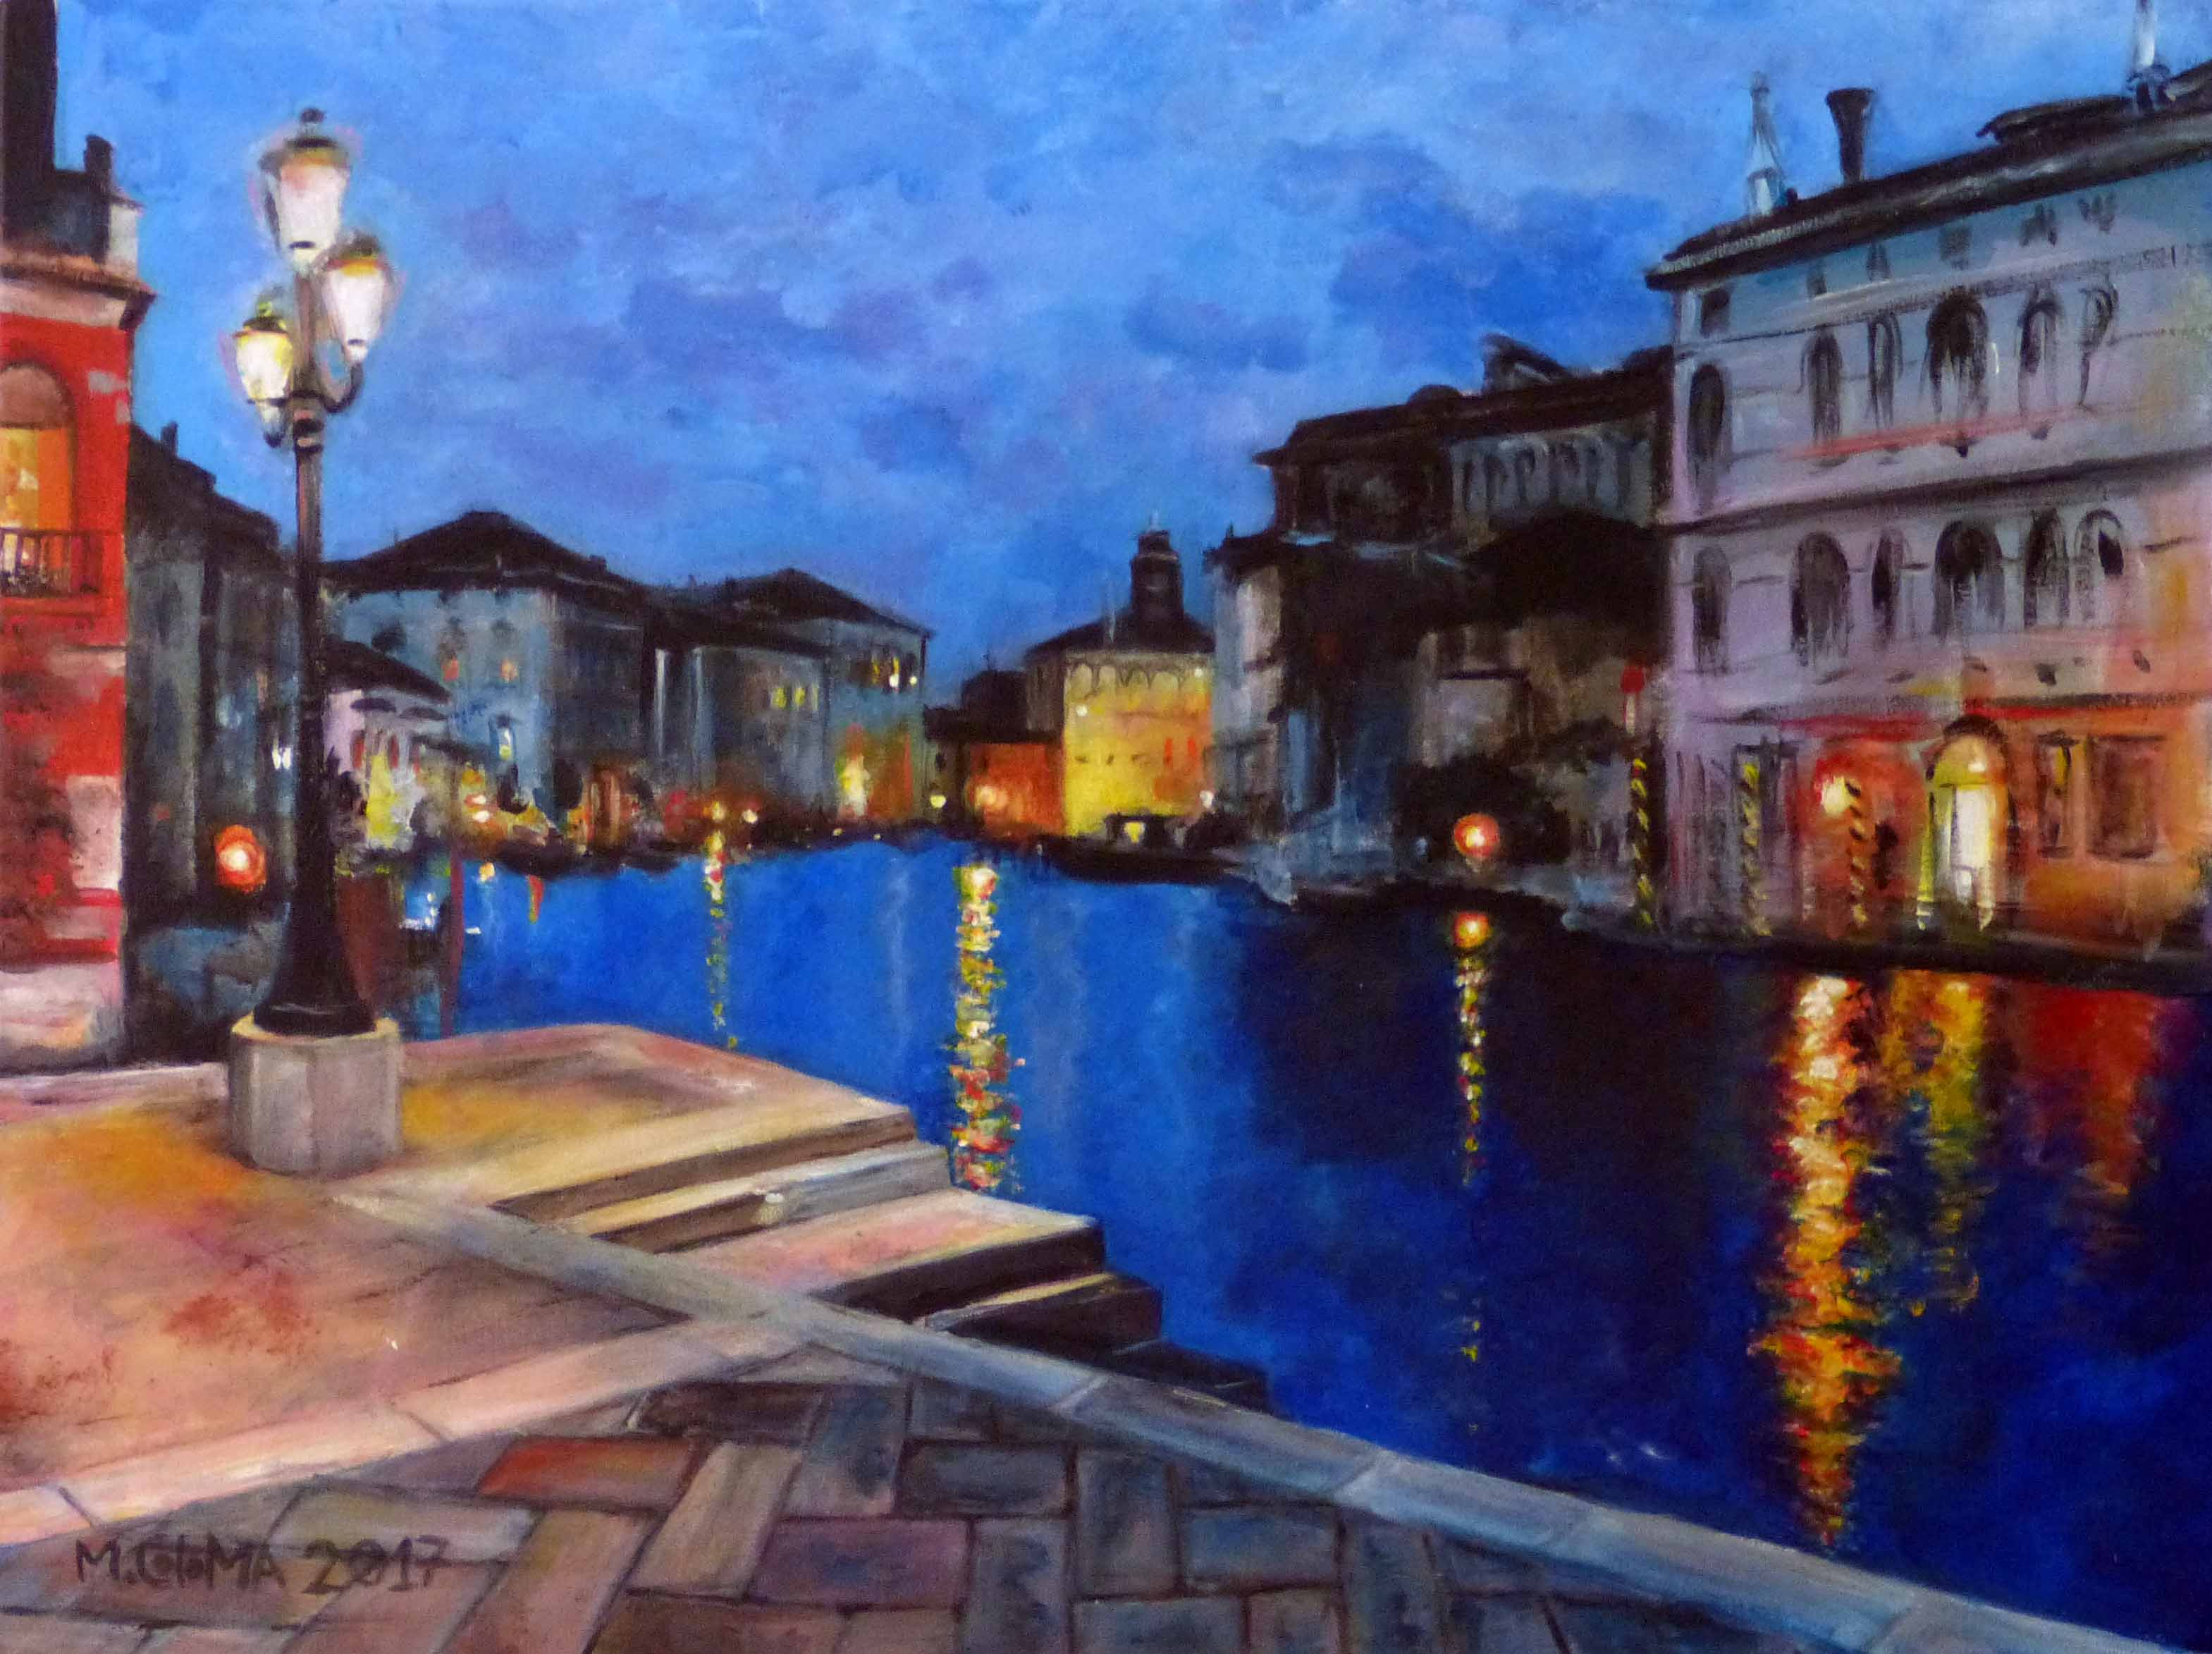 Aprendiendo a pintar, siempre. venezia, salida de la Accademia